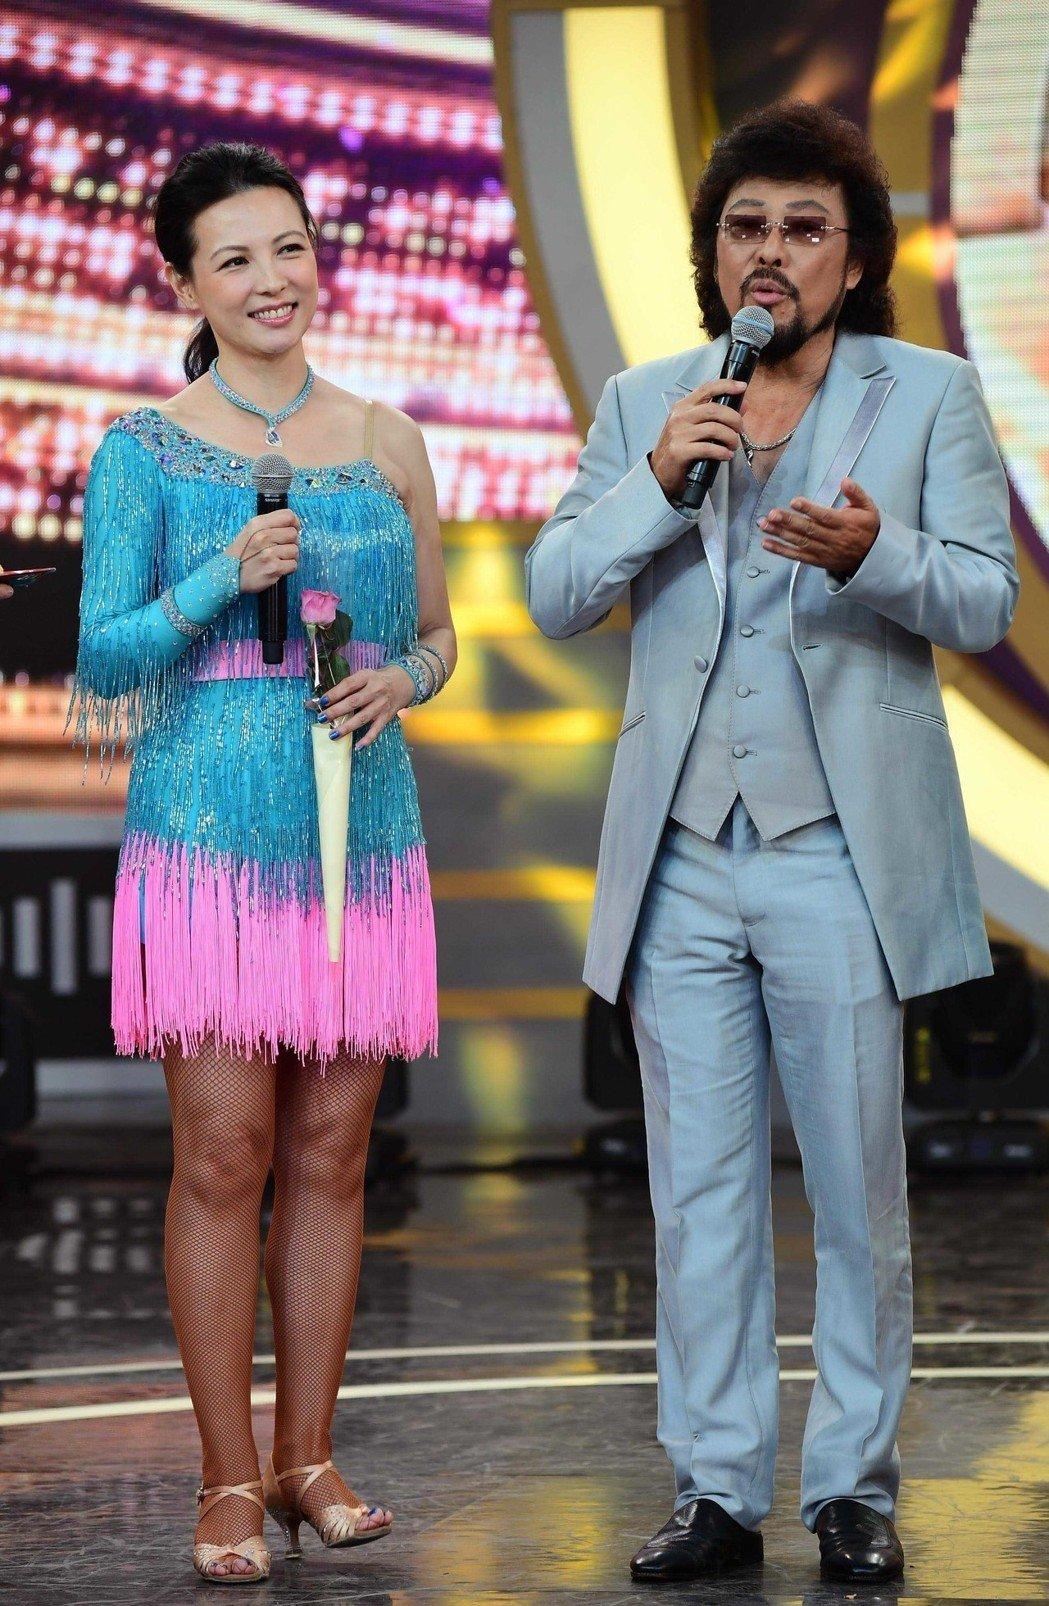 陳孝萱離婚,張菲竟讚老天有眼。圖/華視提供